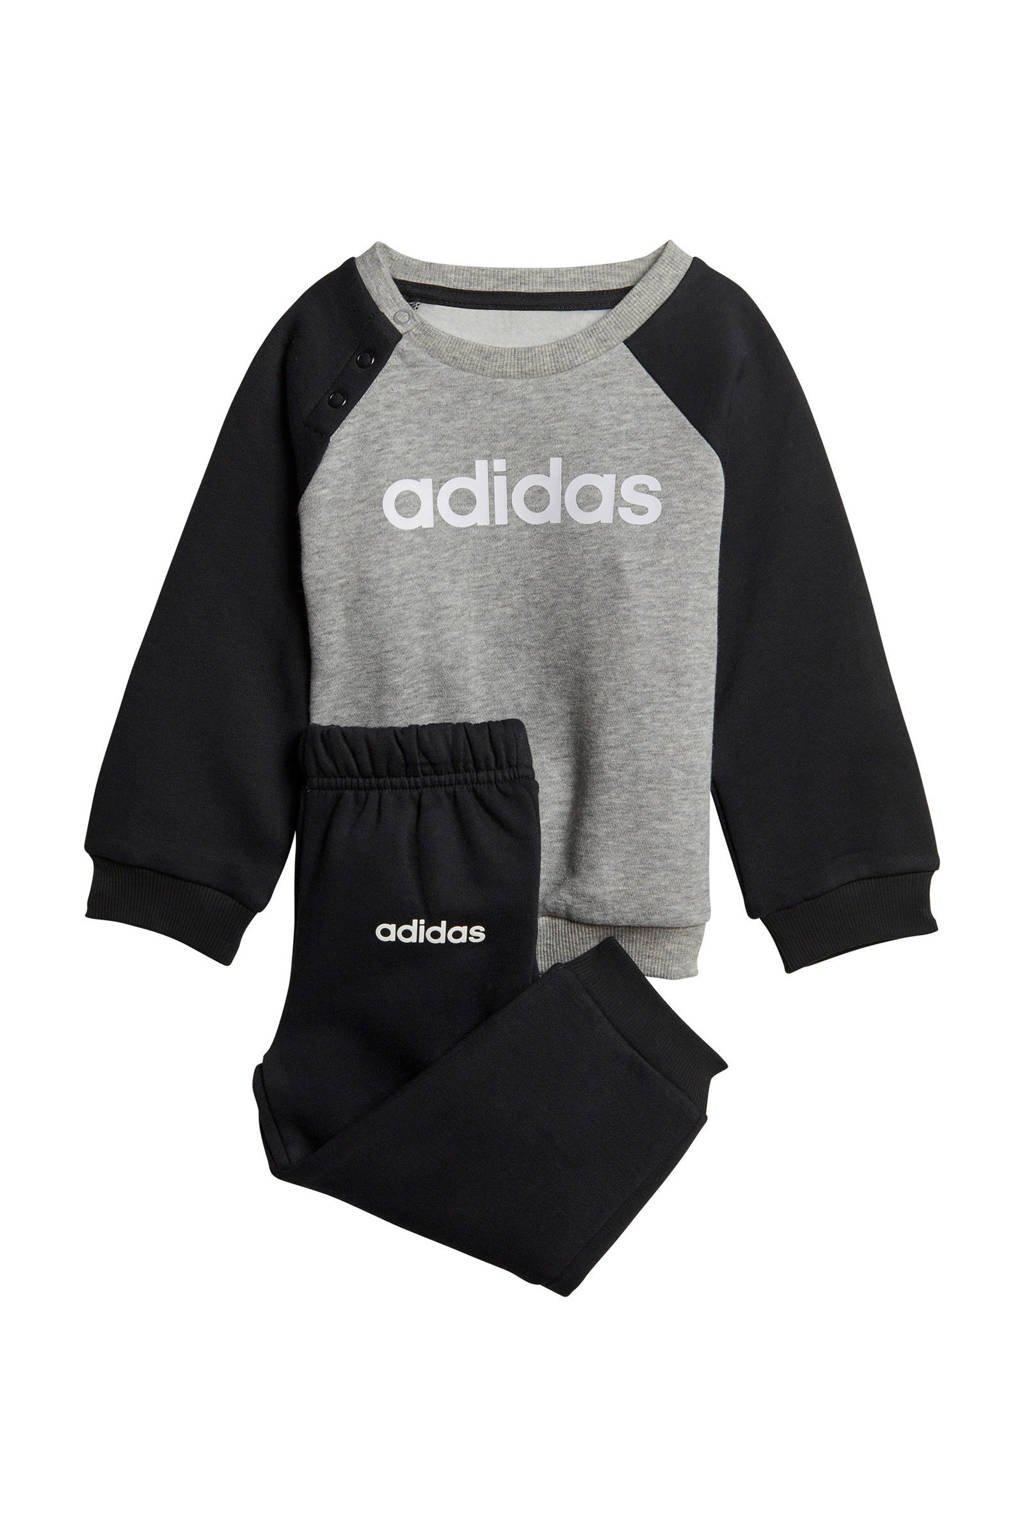 adidas performance   joggingpak grijs/zwart, Grijs melange/zwart